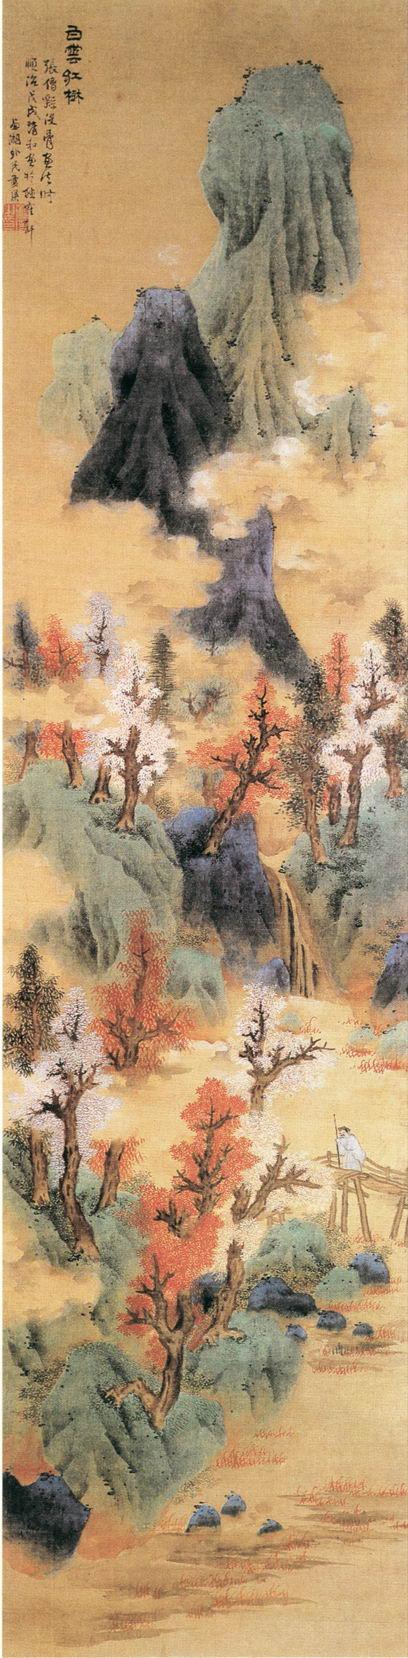 《白云红树图》